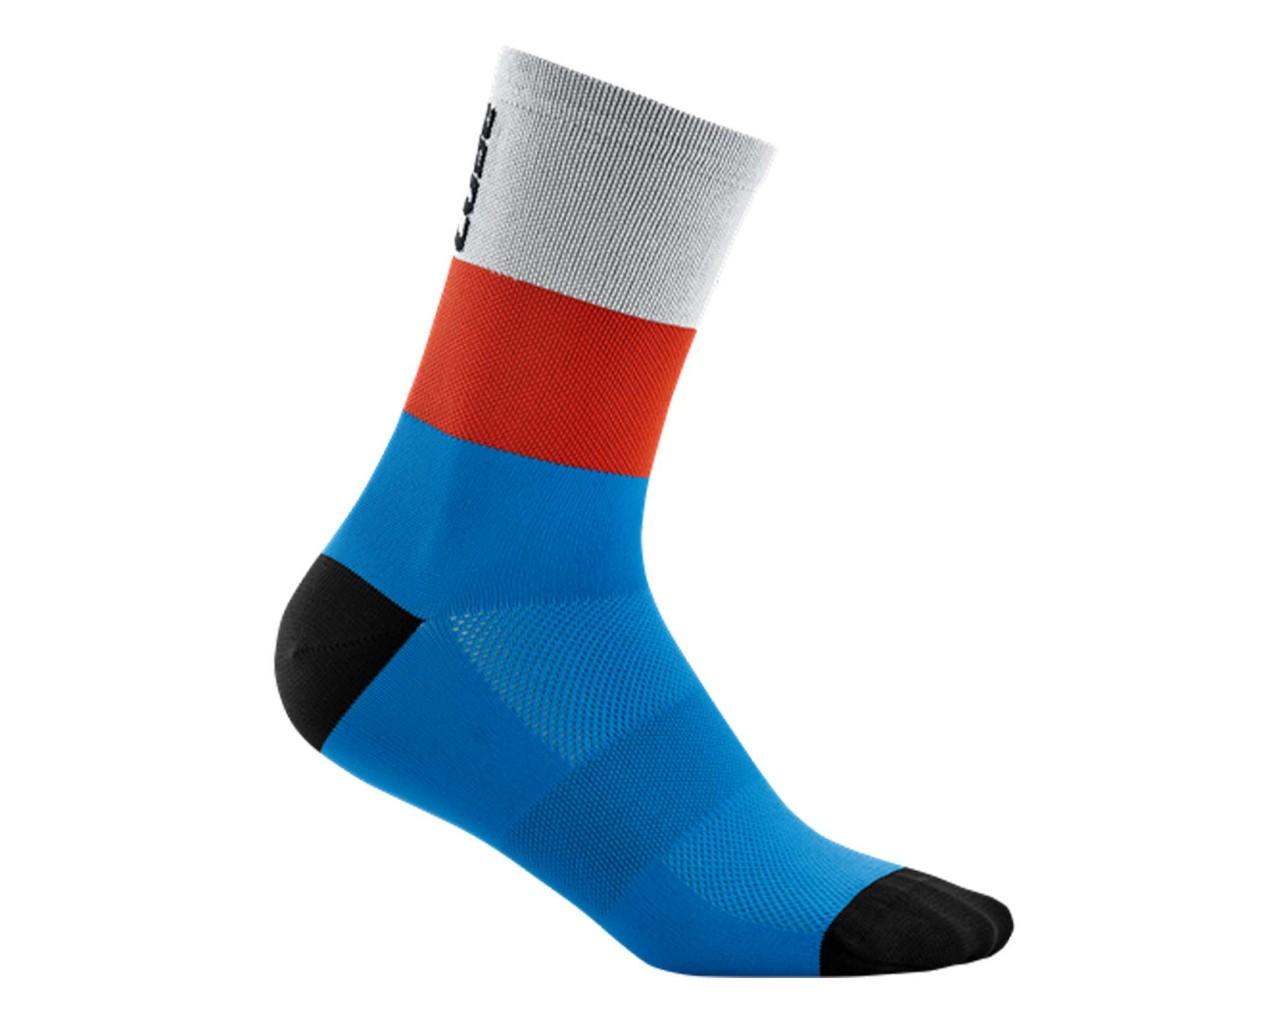 Cube Socken High Cut Teamline   blue n red n grey